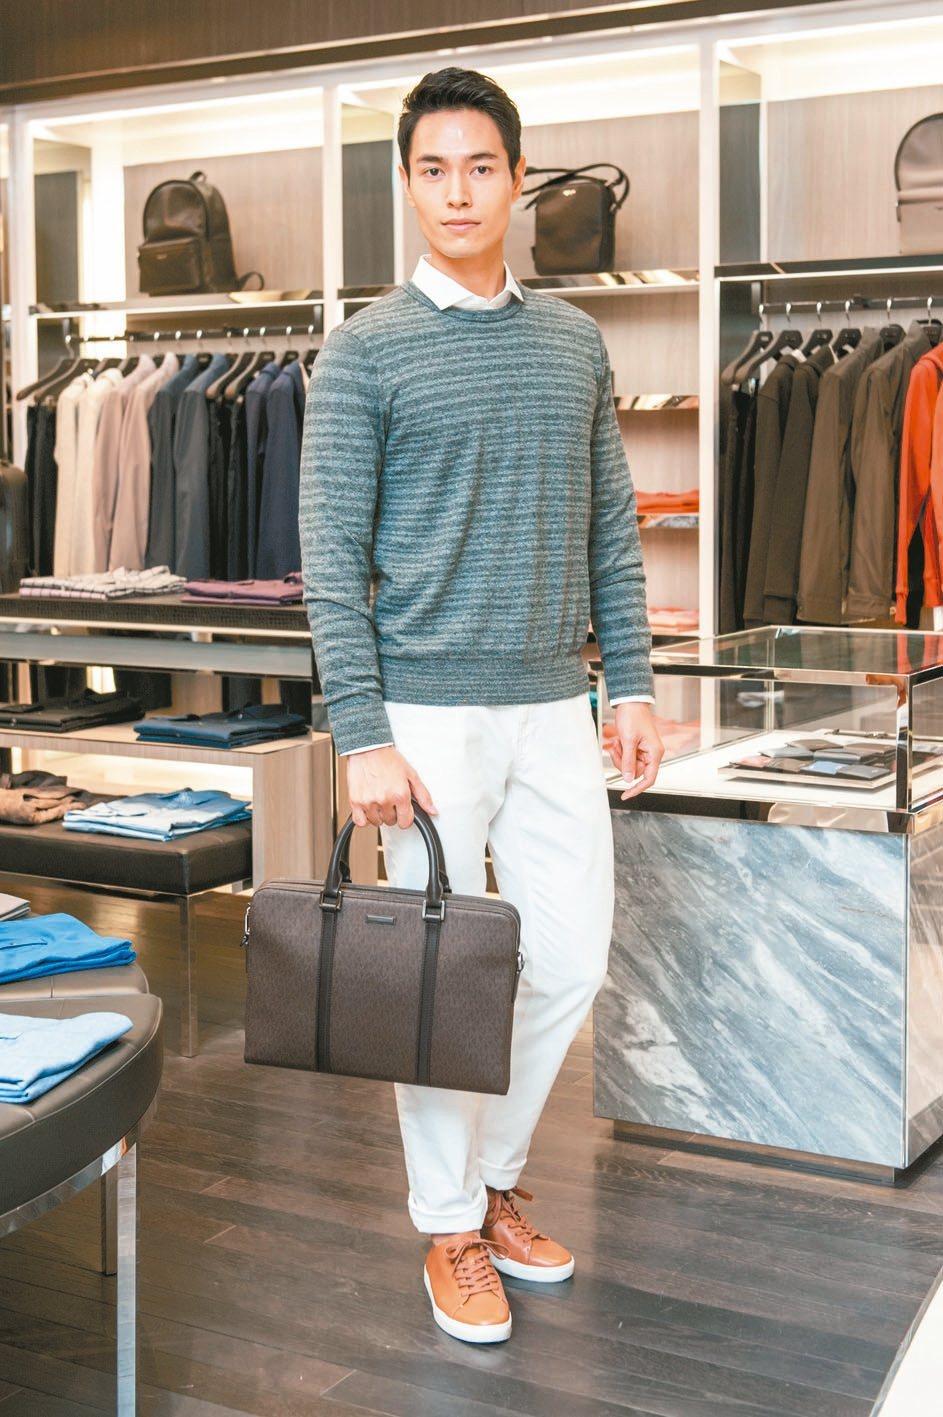 Michael Kors秋冬系列男裝,結合俐落的剪裁和高質感面料,延續品牌Jet Set摩登旅行的概念。